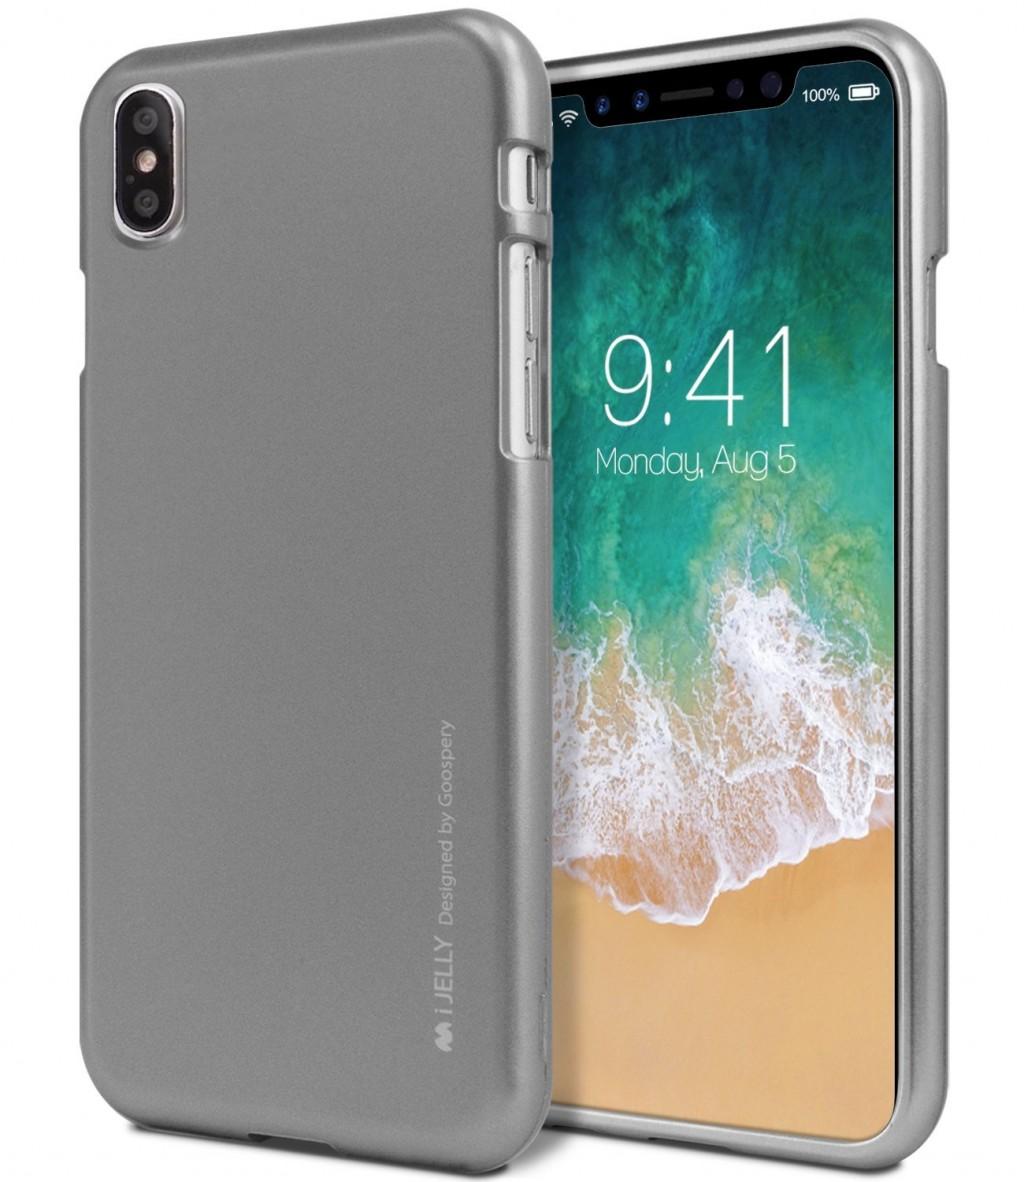 Silikonový obal / kryt iJelly Metal od Goospery Mercury pro Apple iPhone X